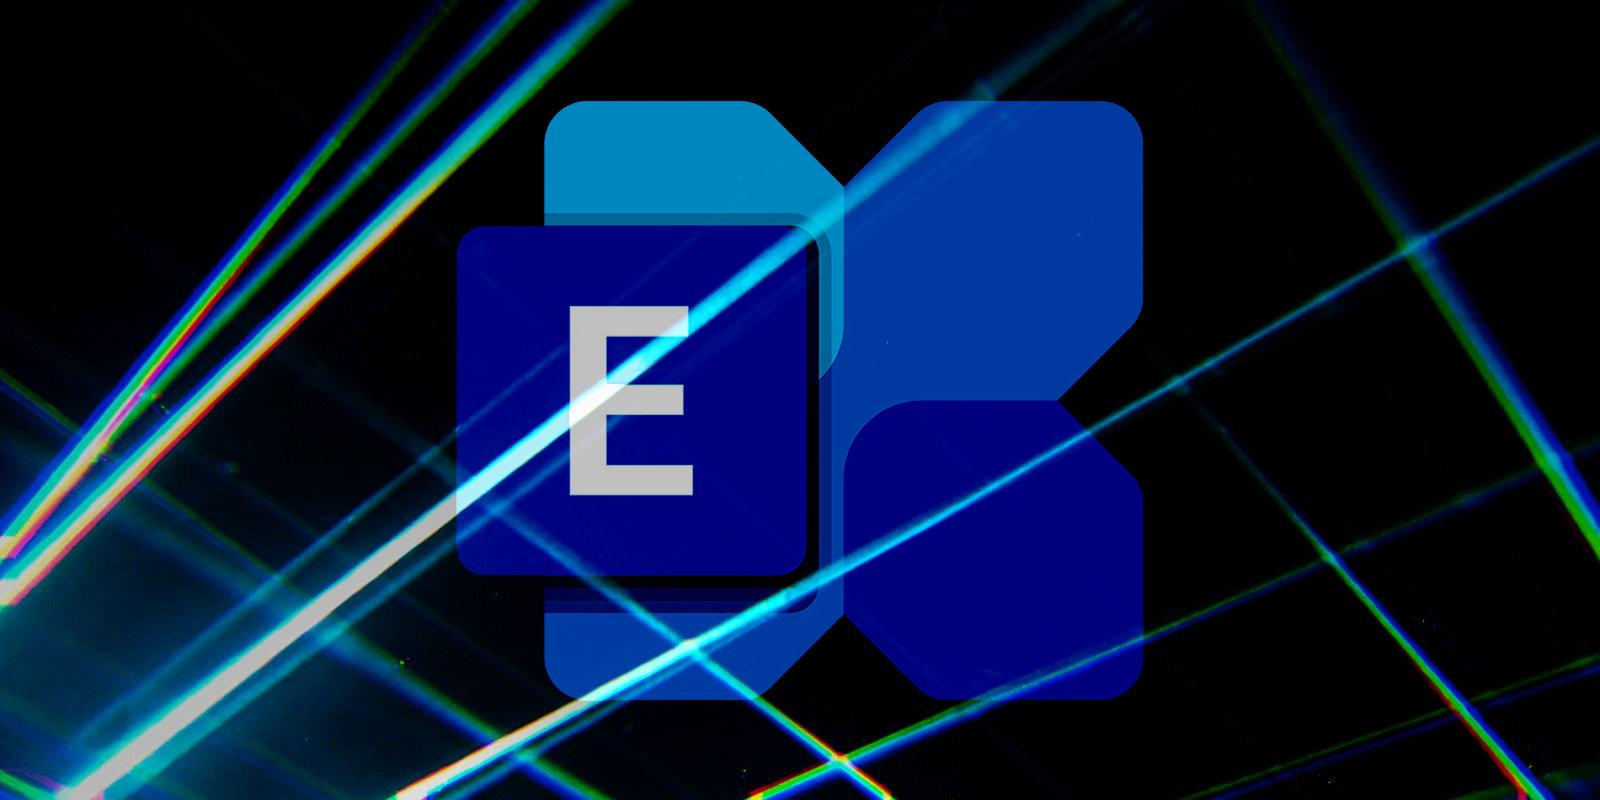 Всего за два дня через ProxyShell было взломано 2 тыс. установок Microsoft Exchange